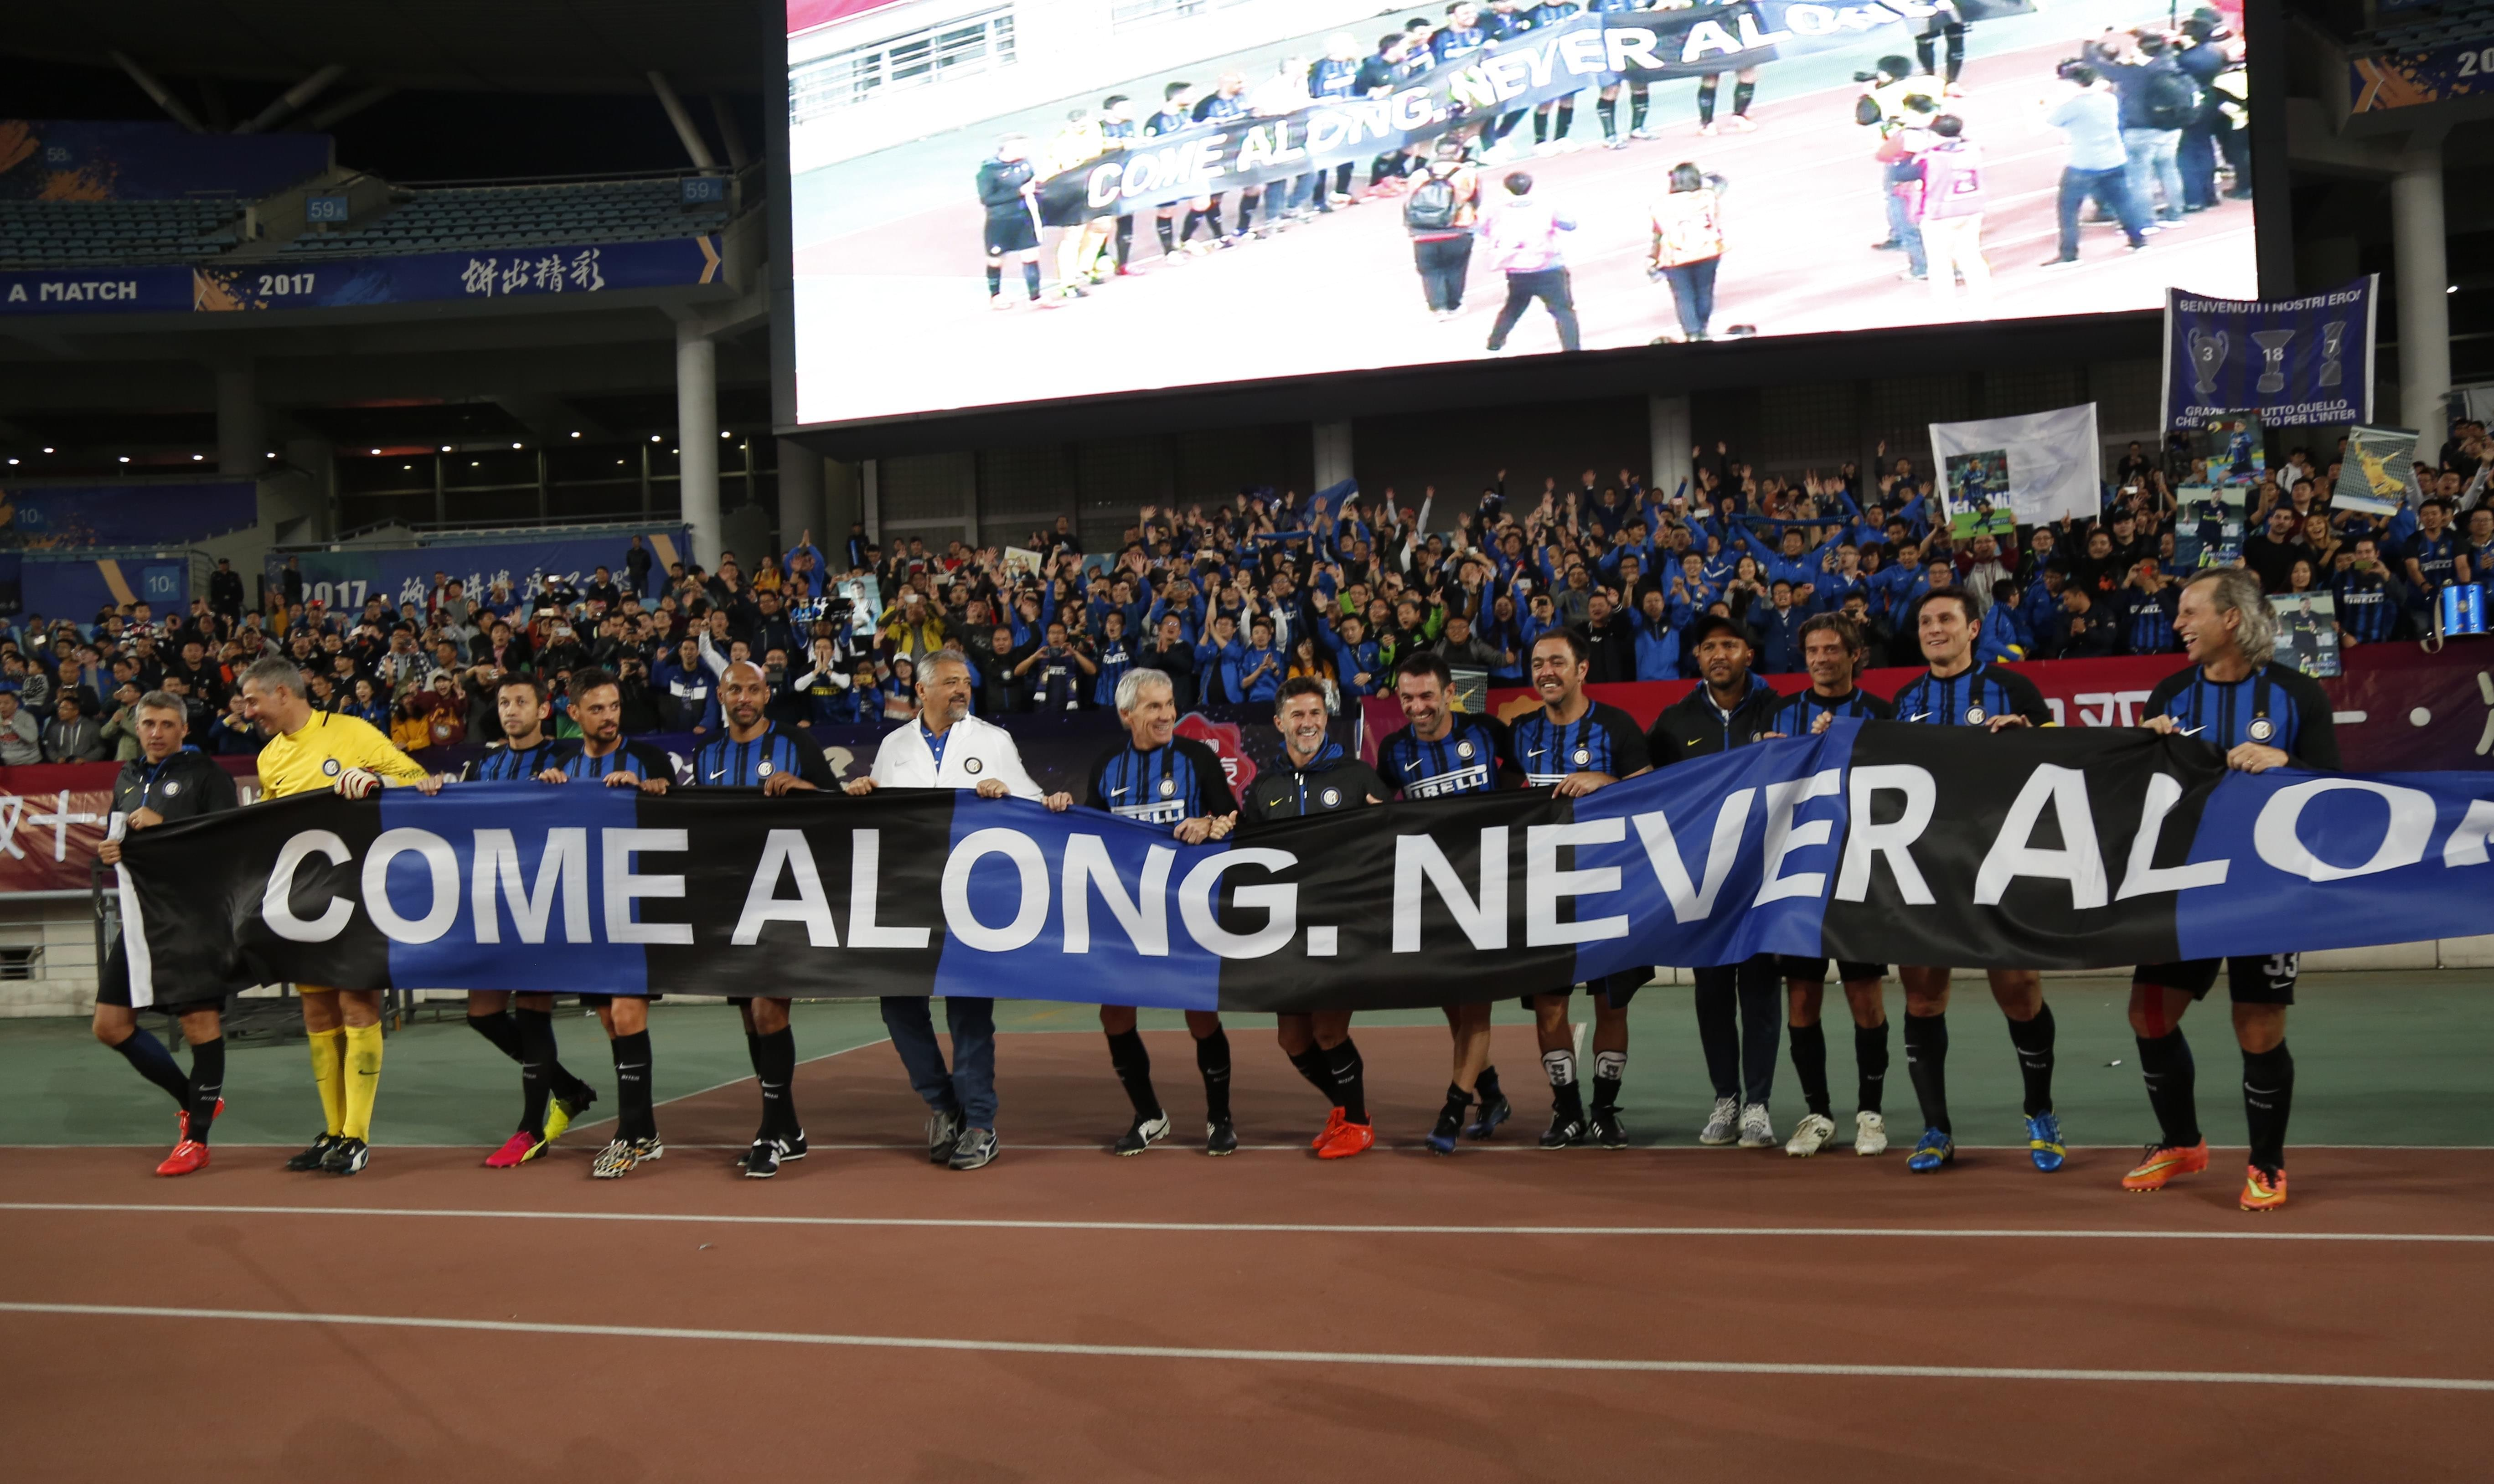 苏宁传奇足球夜精彩纷呈 国米传奇队2-1中国元老队